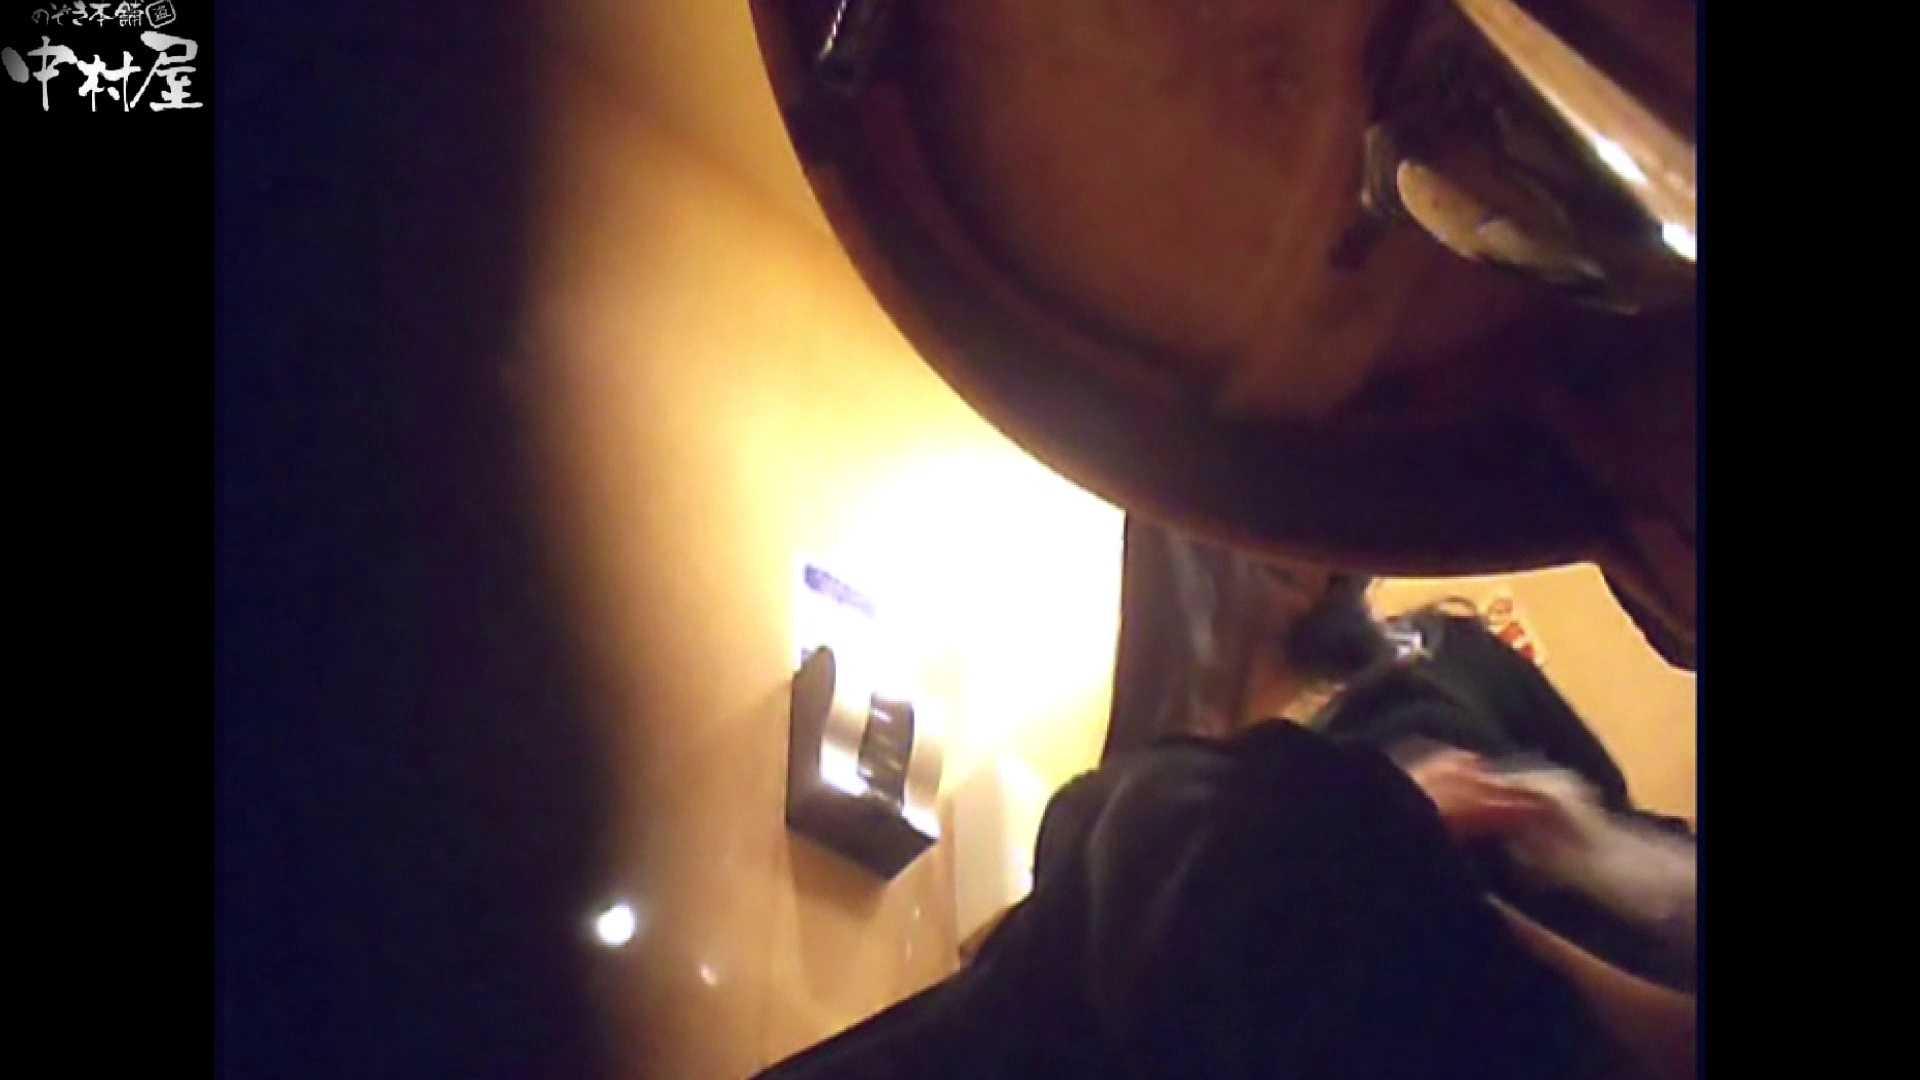 突撃!女子化粧室の真実vol.43前編 OLエロ画像 盗撮アダルト動画キャプチャ 88PICs 47